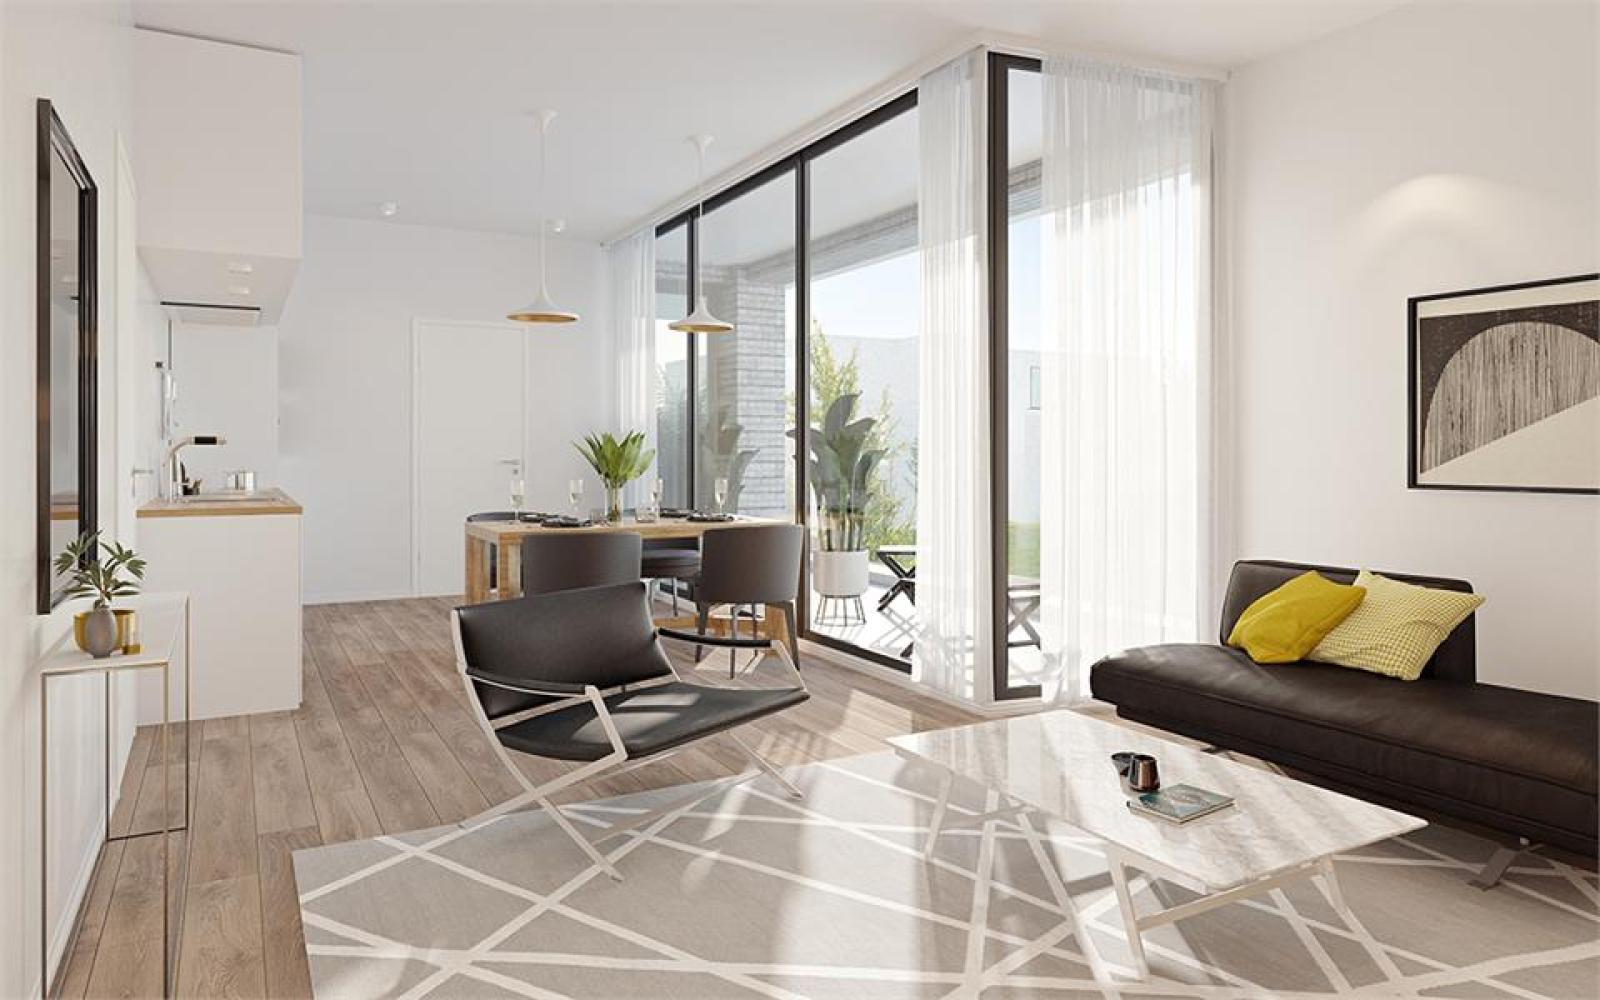 Prachtig gelijkvloers appartement te Zandhoven, met zicht op agrarisch gebied! afbeelding 2